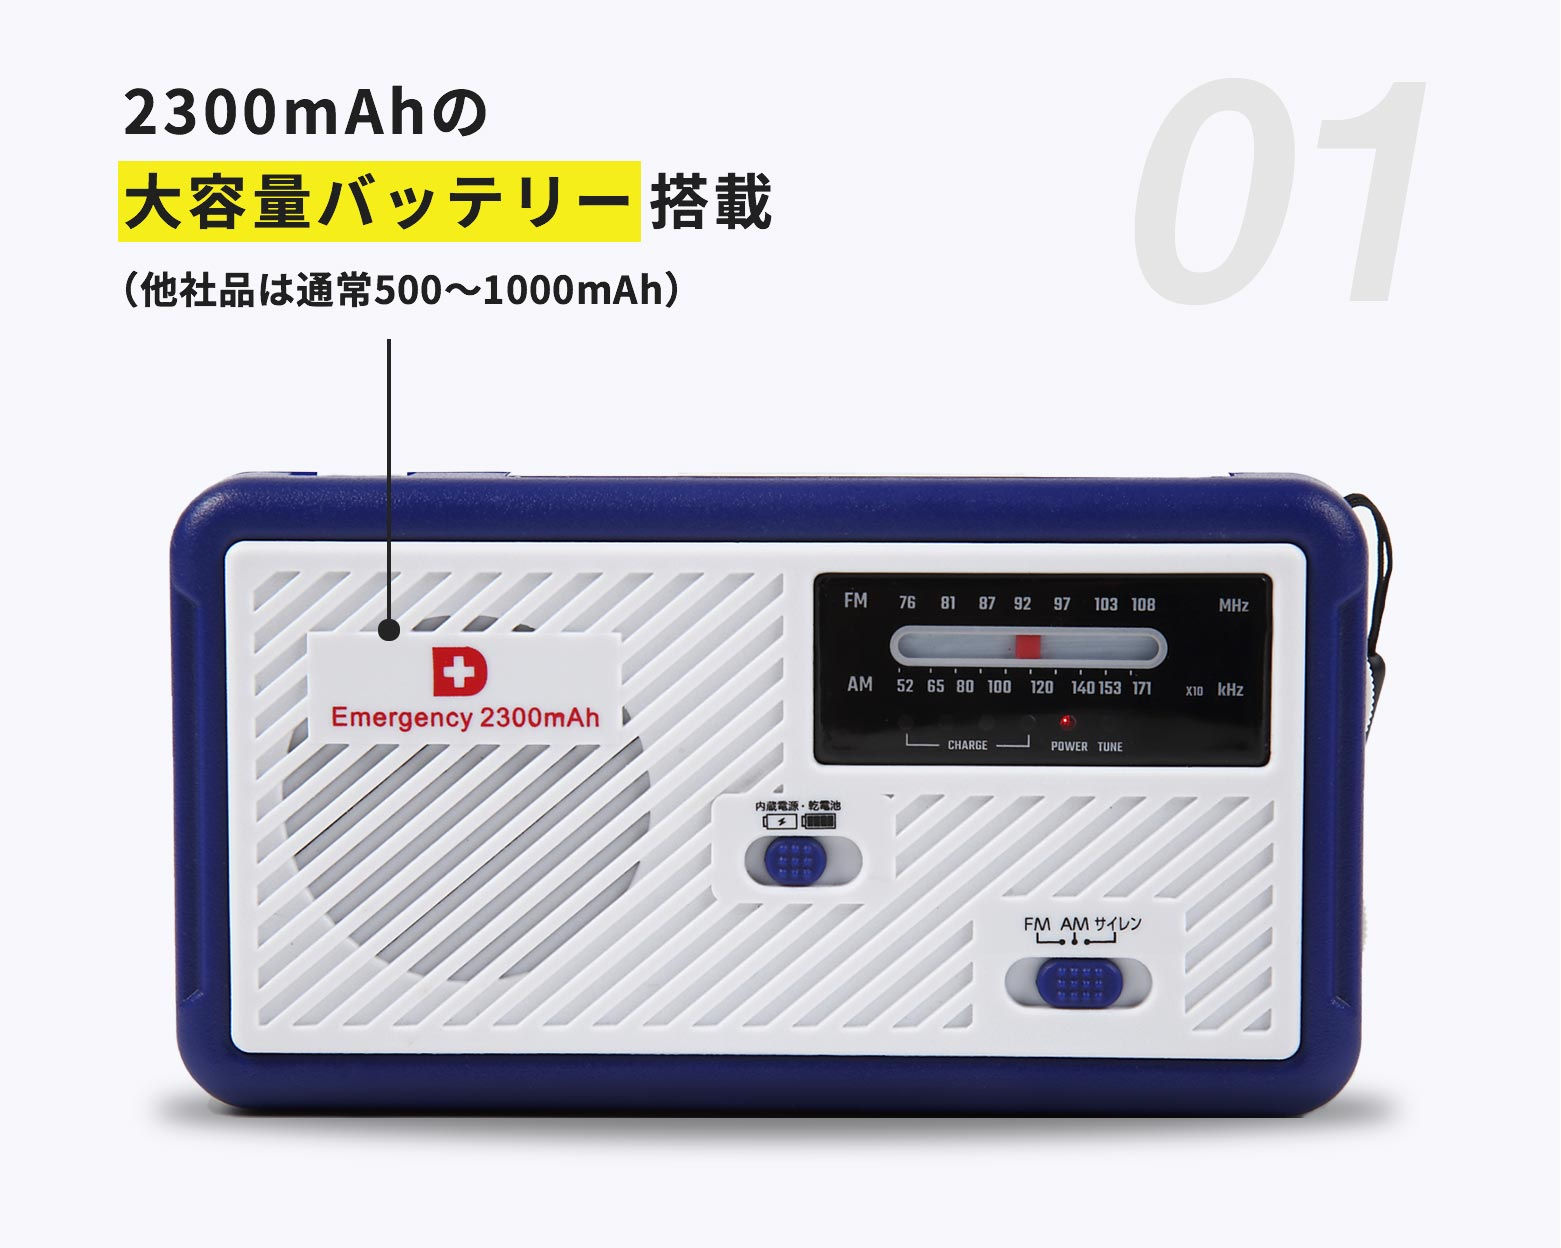 2300mAhの大容量バッテリー搭載(他社品は通常500〜1000mAh)